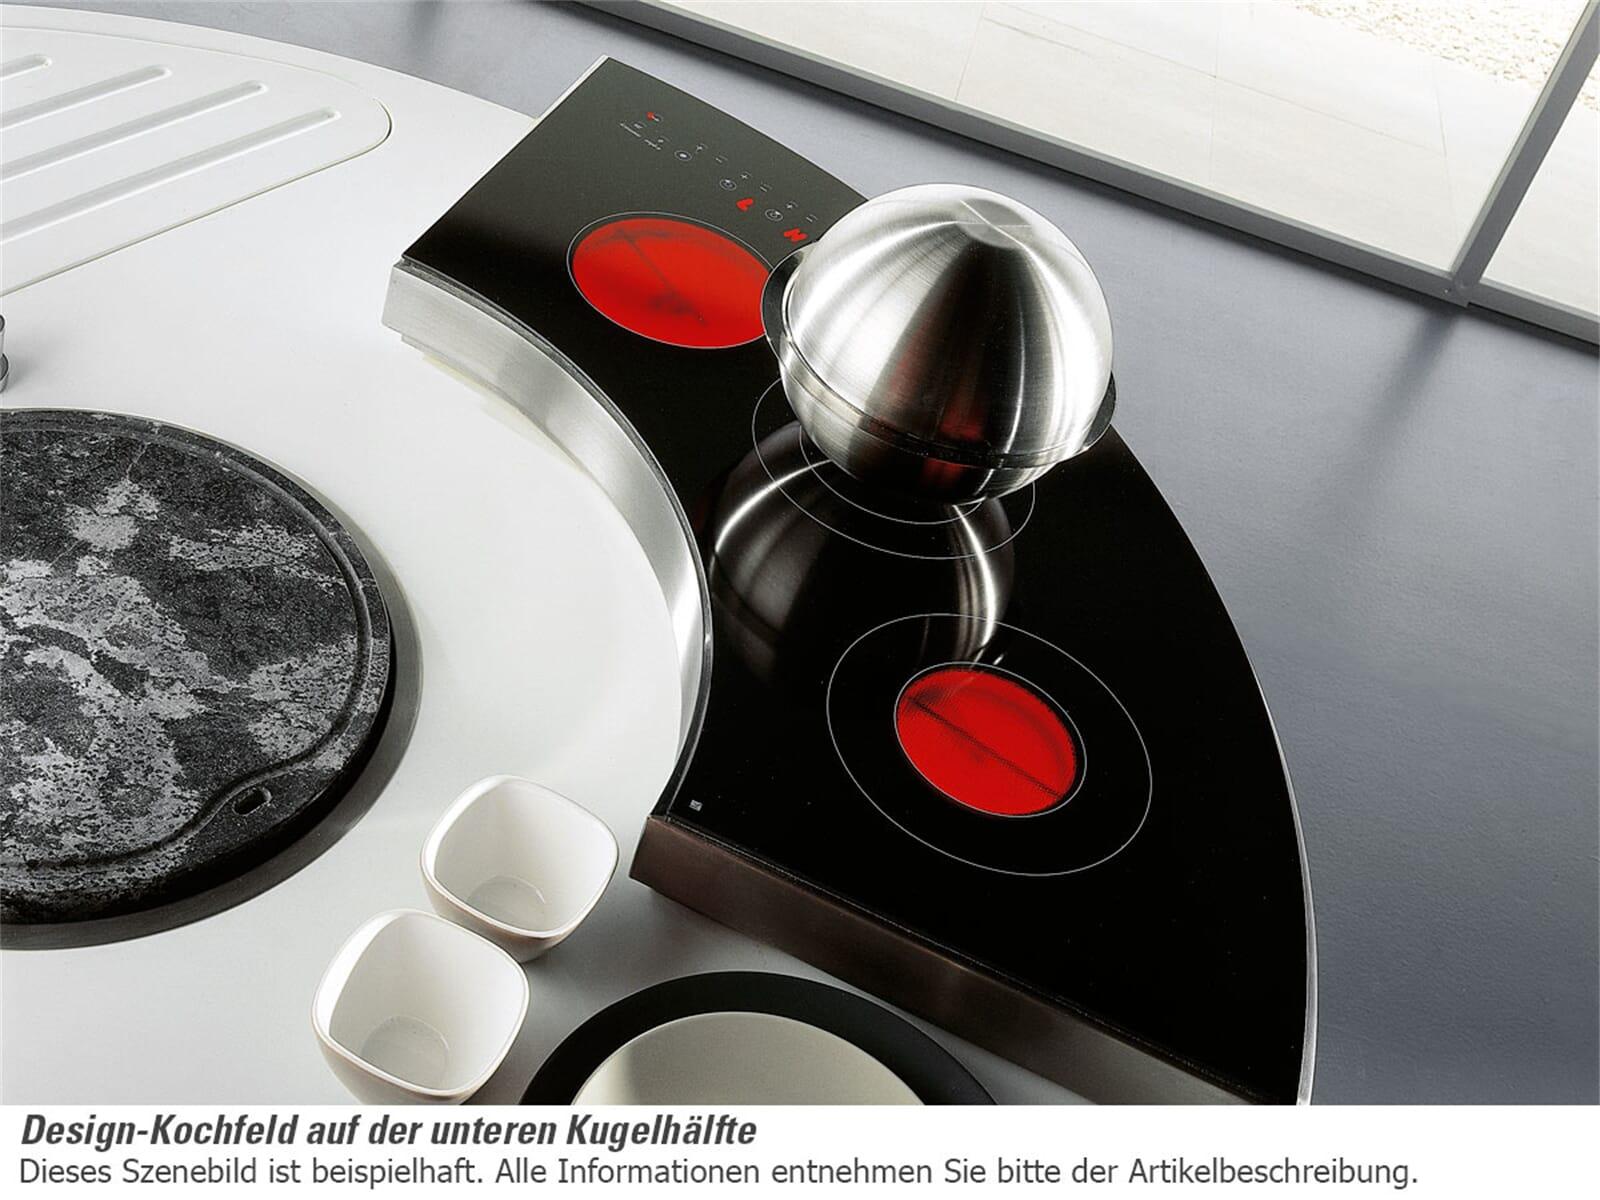 Gatto Sheer Kugelküche inklusive Edelstahlwand - Ausstellungsküche